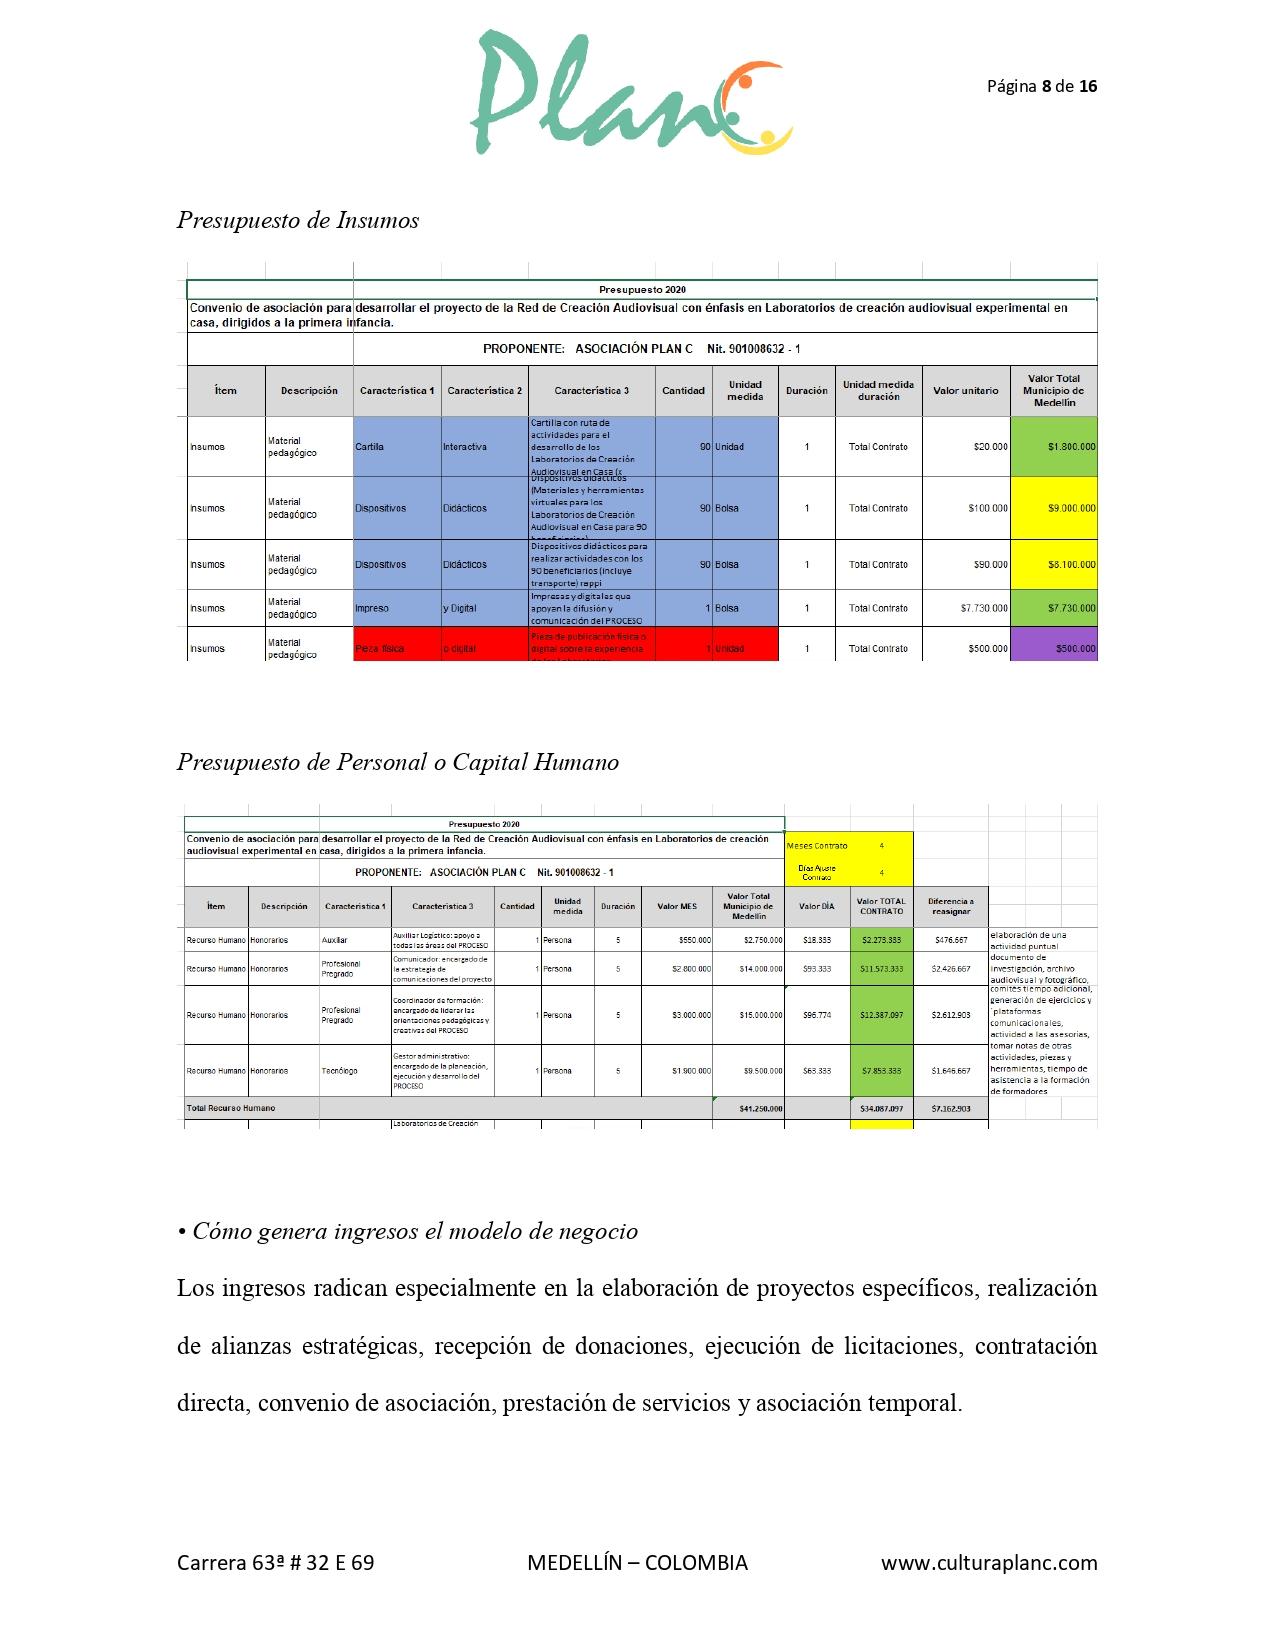 Informe de Gestión Global (1)-páginas-8